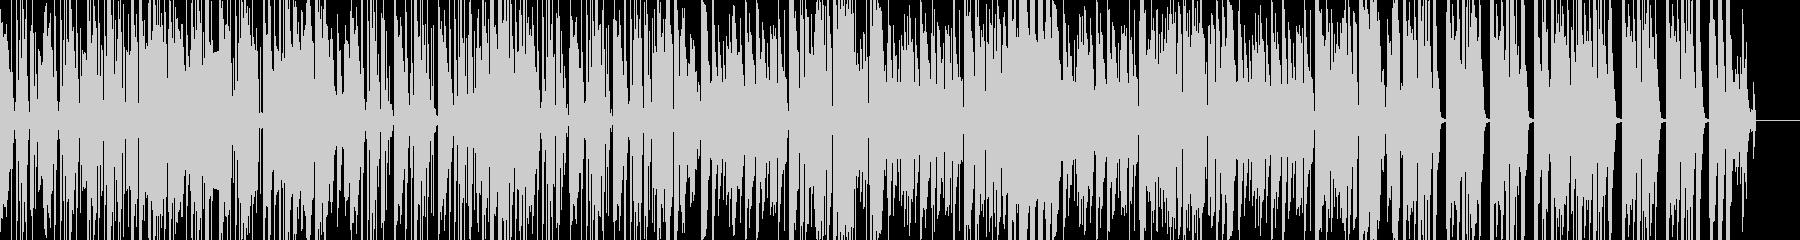 ブレイクビーツが目立つヒップホップビートの未再生の波形